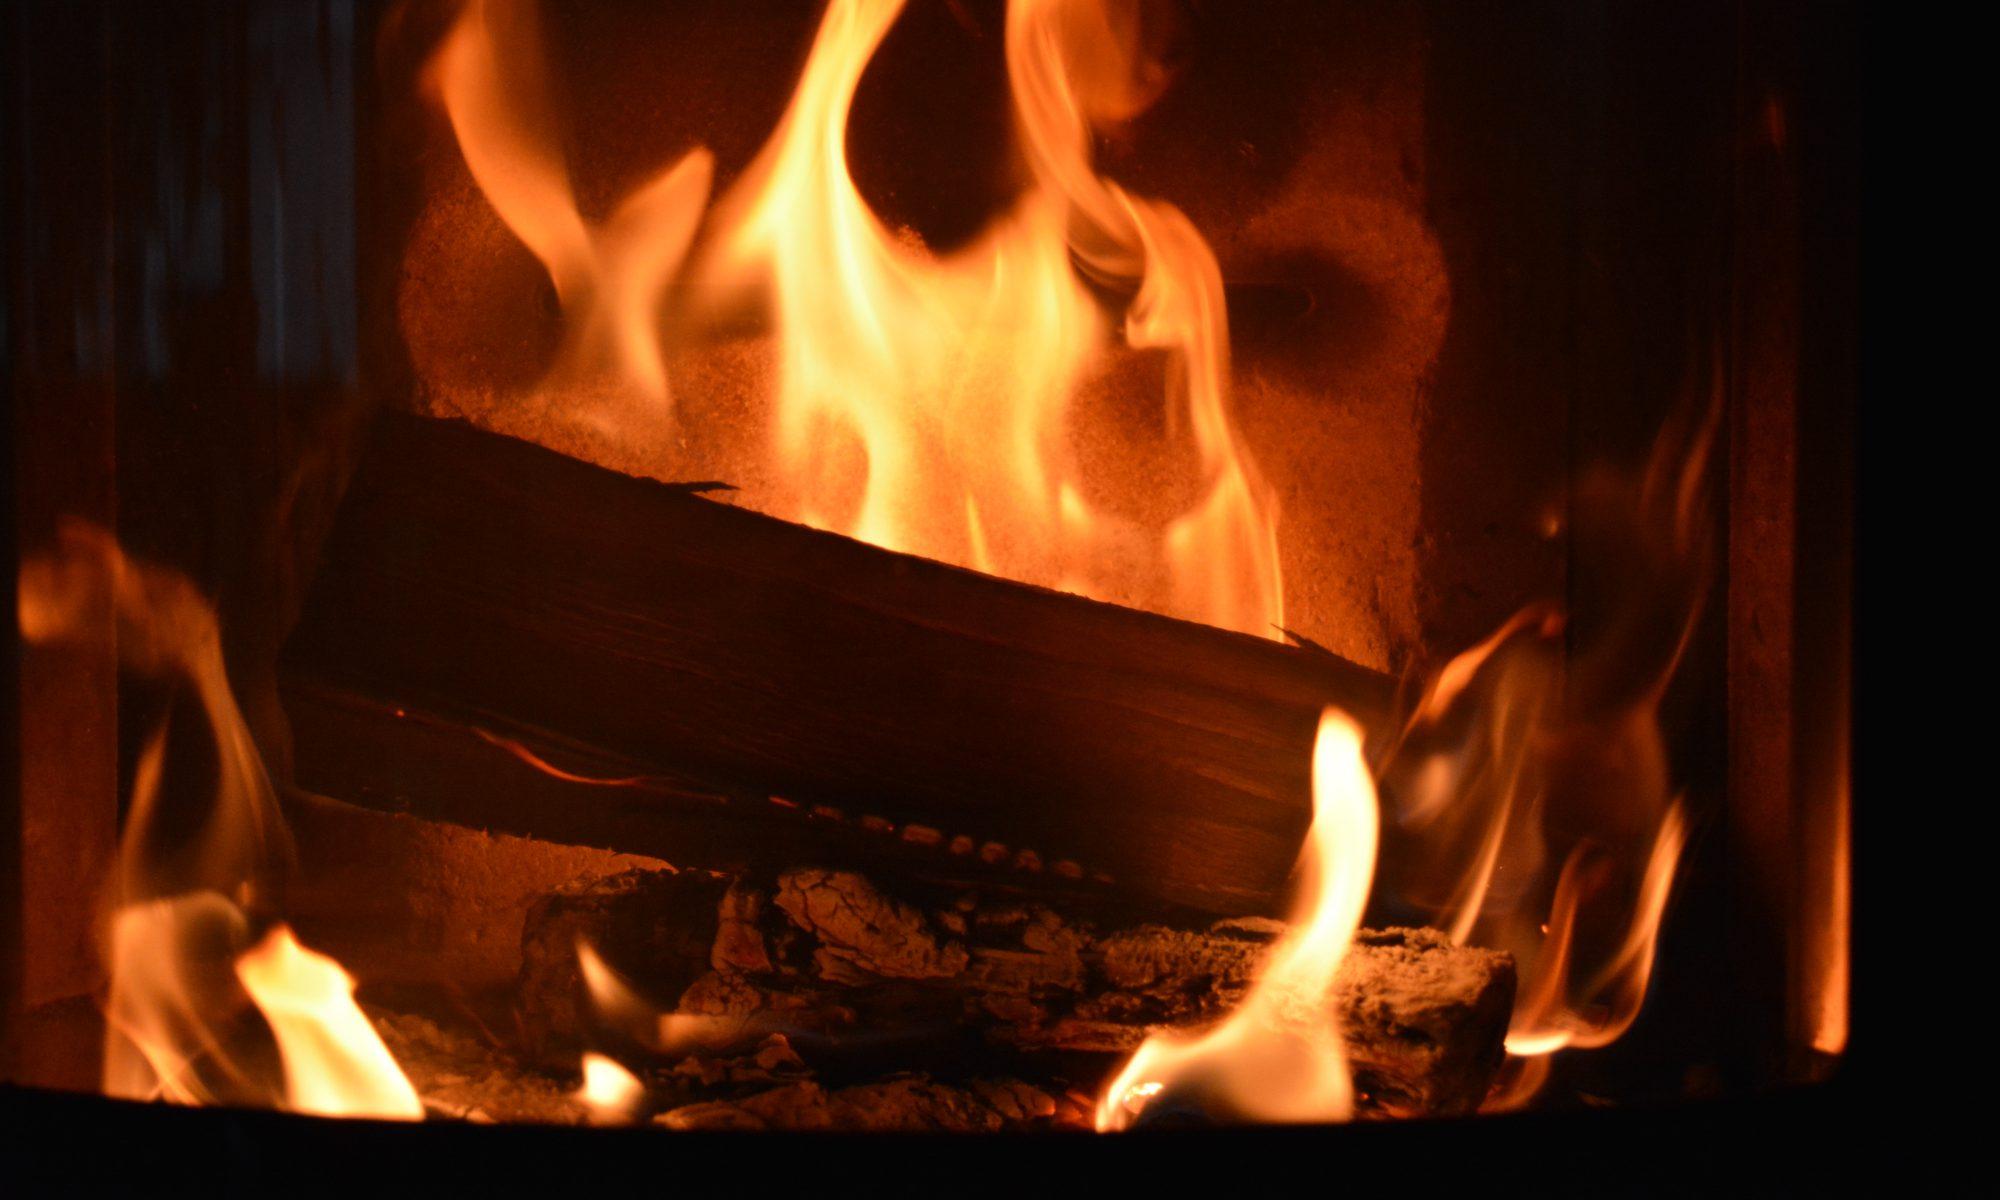 Feuer-Kamin-Gemütlichkeit